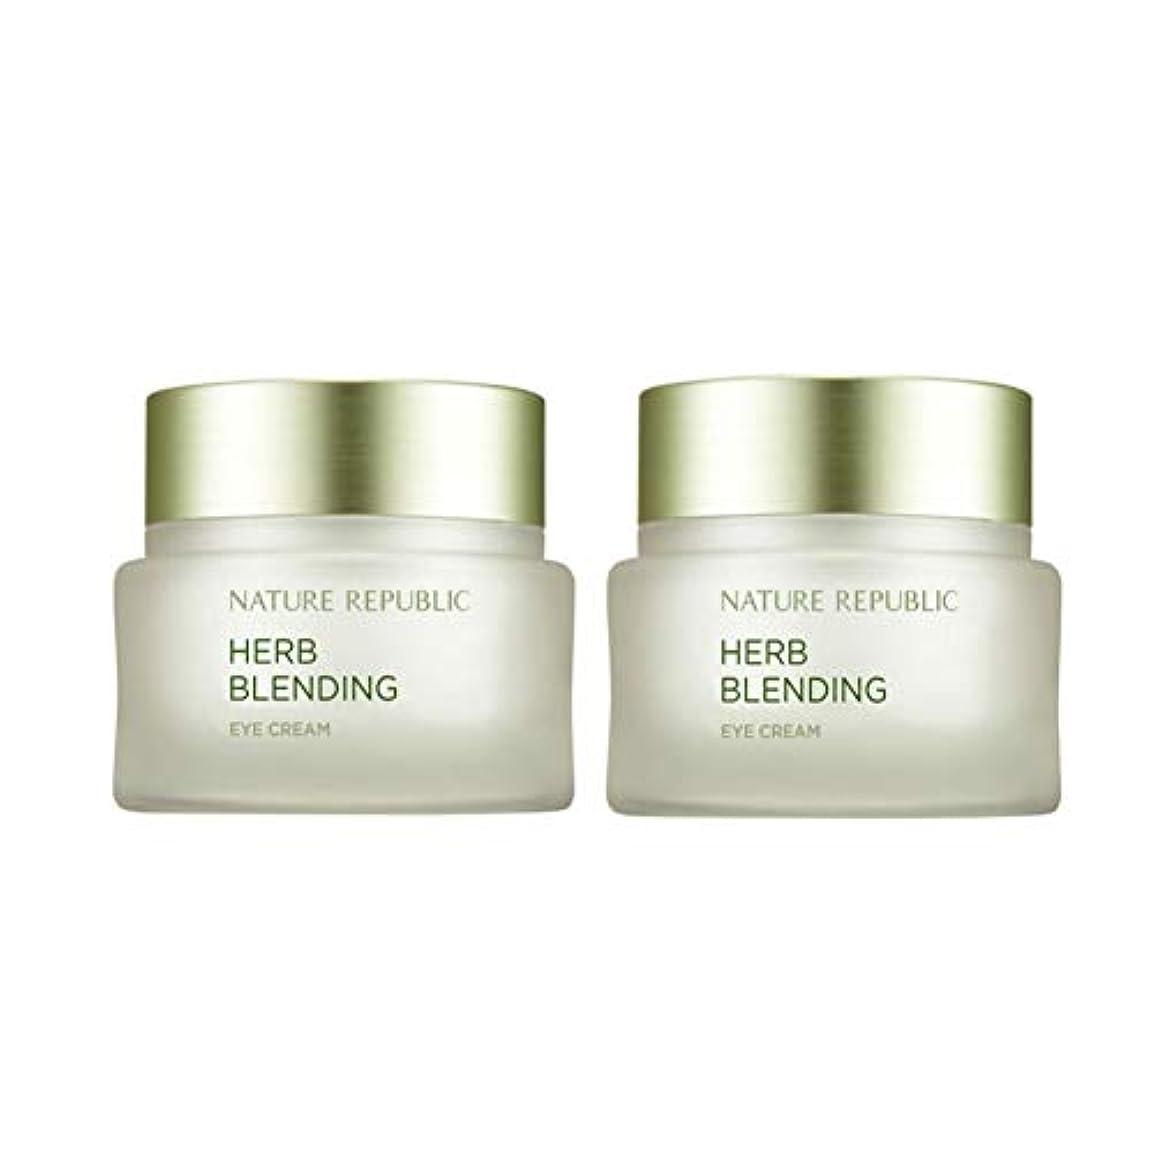 方程式雨のやがてネイチャーリパブリックハーブ?ブレンディングクリーム50mlx 2本セット韓国コスメ、Nature Republic Herb Blending Cream 50ml x 2ea Set Korean Cosmetics...